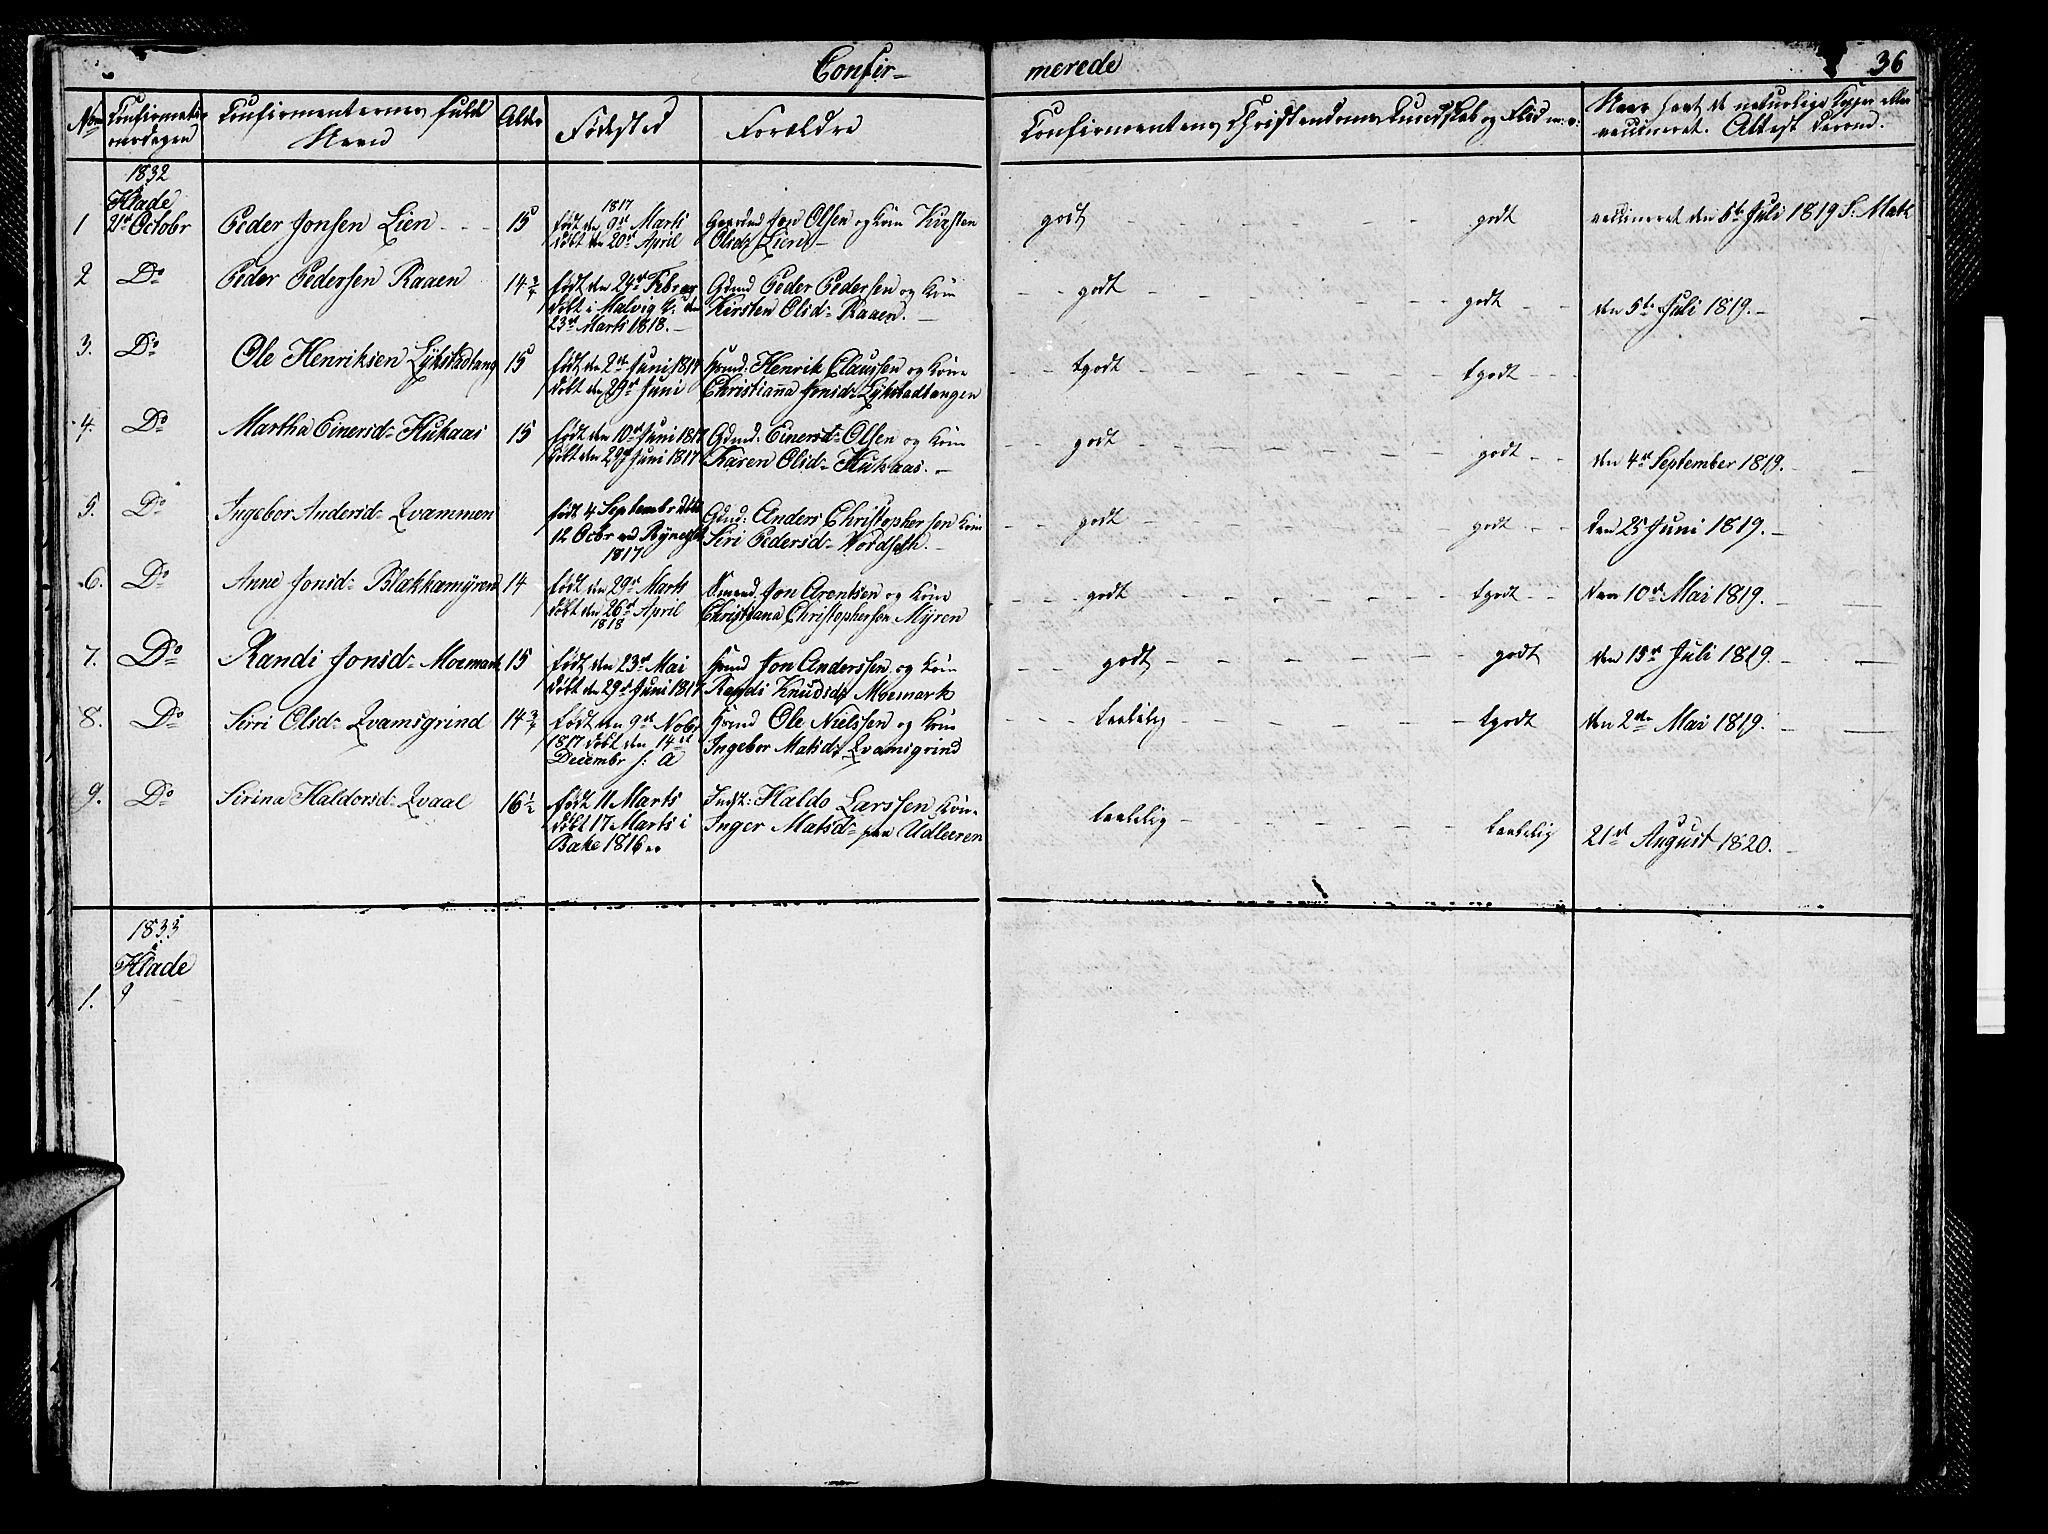 SAT, Ministerialprotokoller, klokkerbøker og fødselsregistre - Sør-Trøndelag, 608/L0338: Klokkerbok nr. 608C04, 1831-1843, s. 36